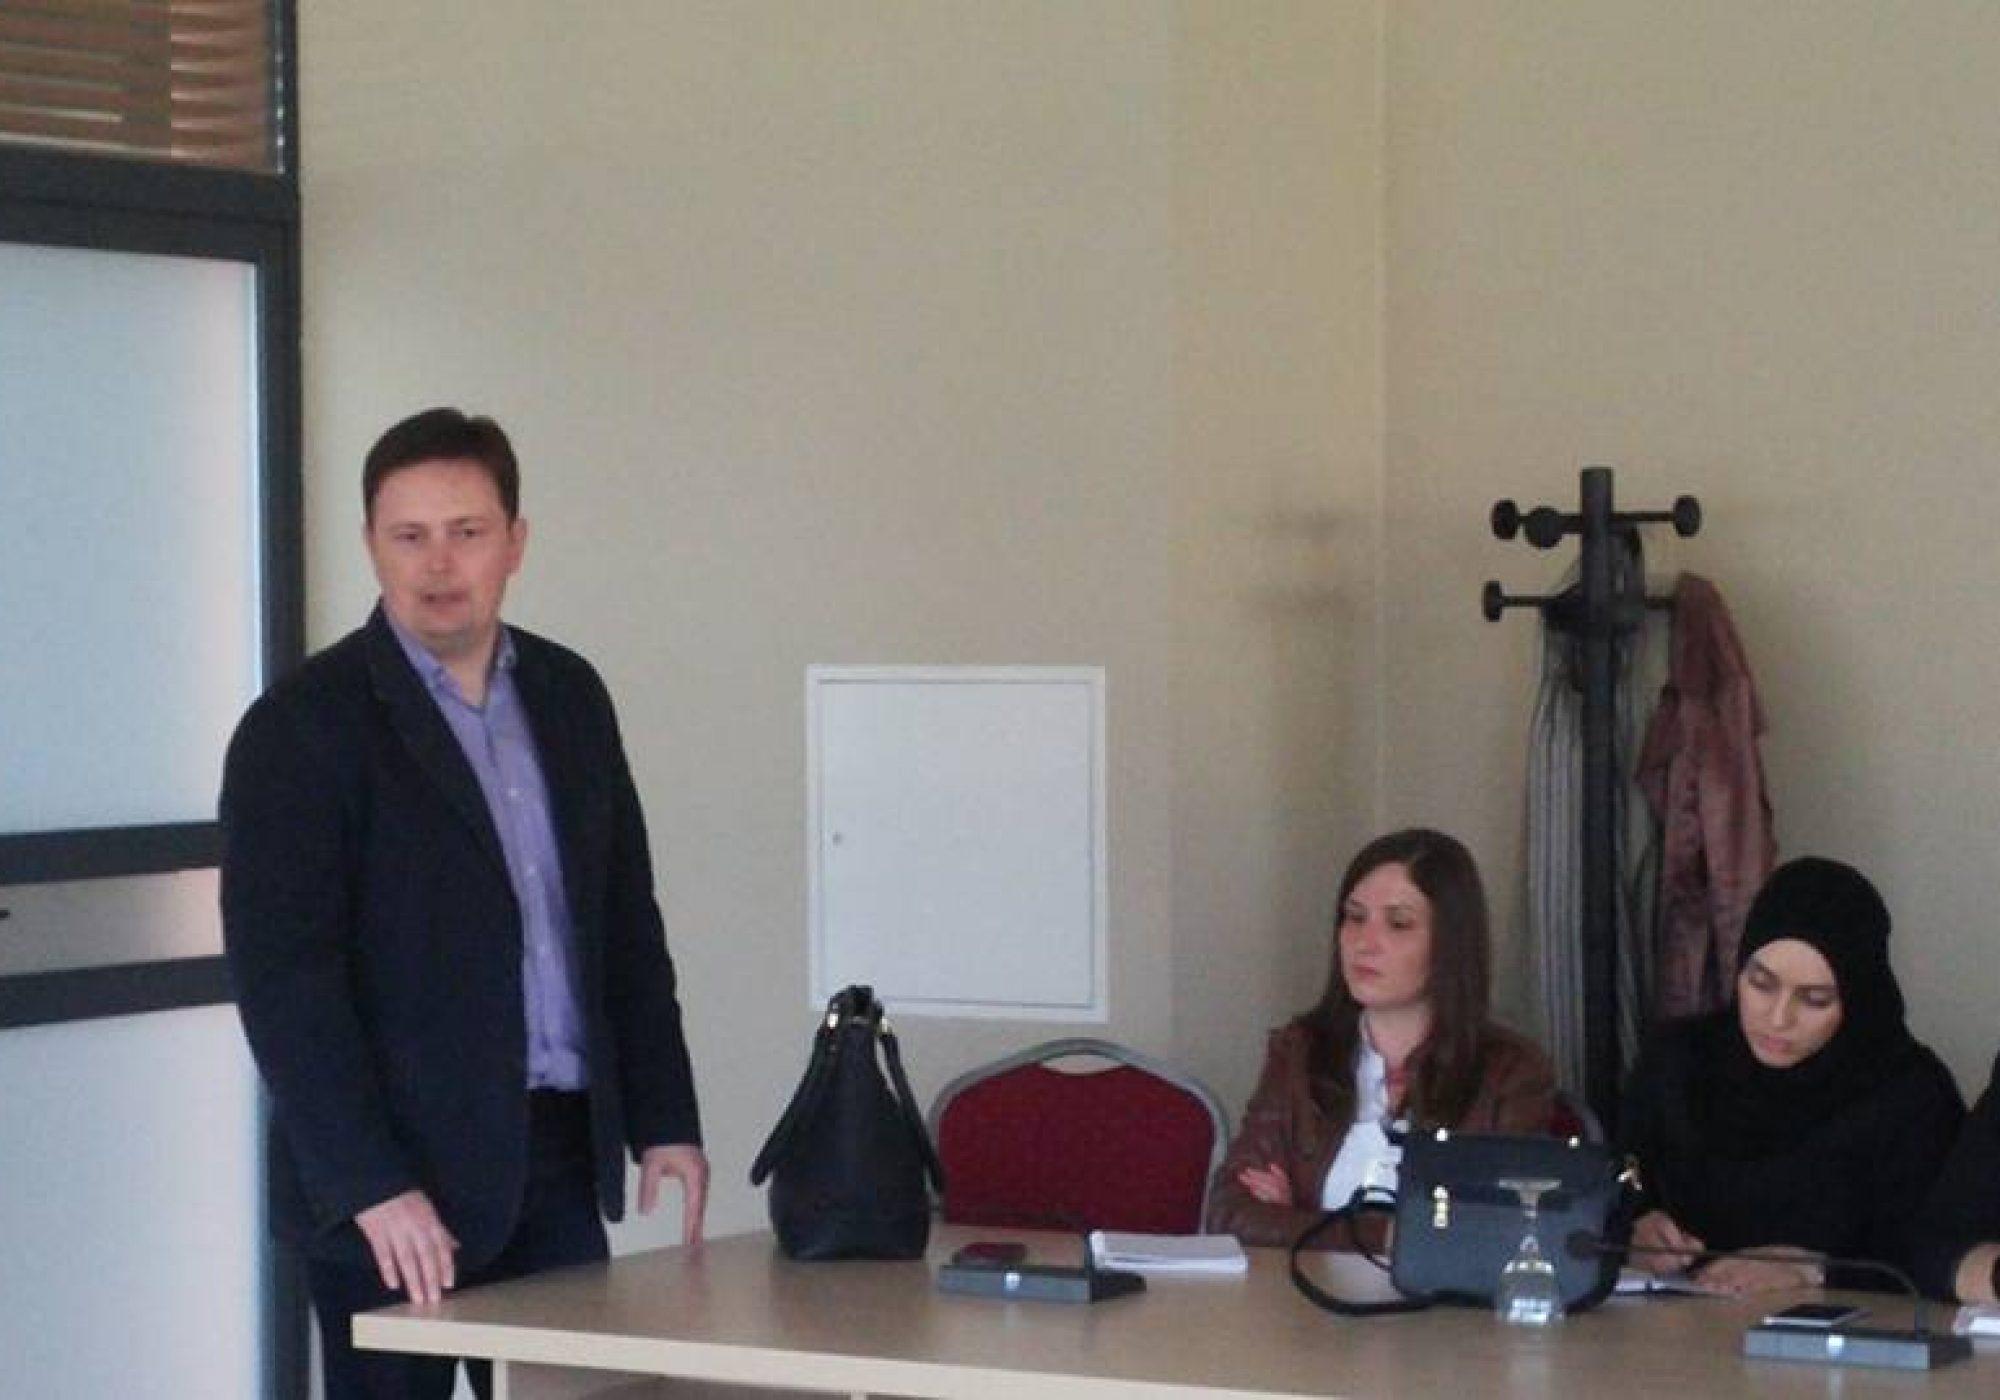 Održana edukacija u organizaciji JU Centar za socijalni rad Jajce u partnerstvu sa Ministarstvom zdravstva i socijalne politike SBK/KSB